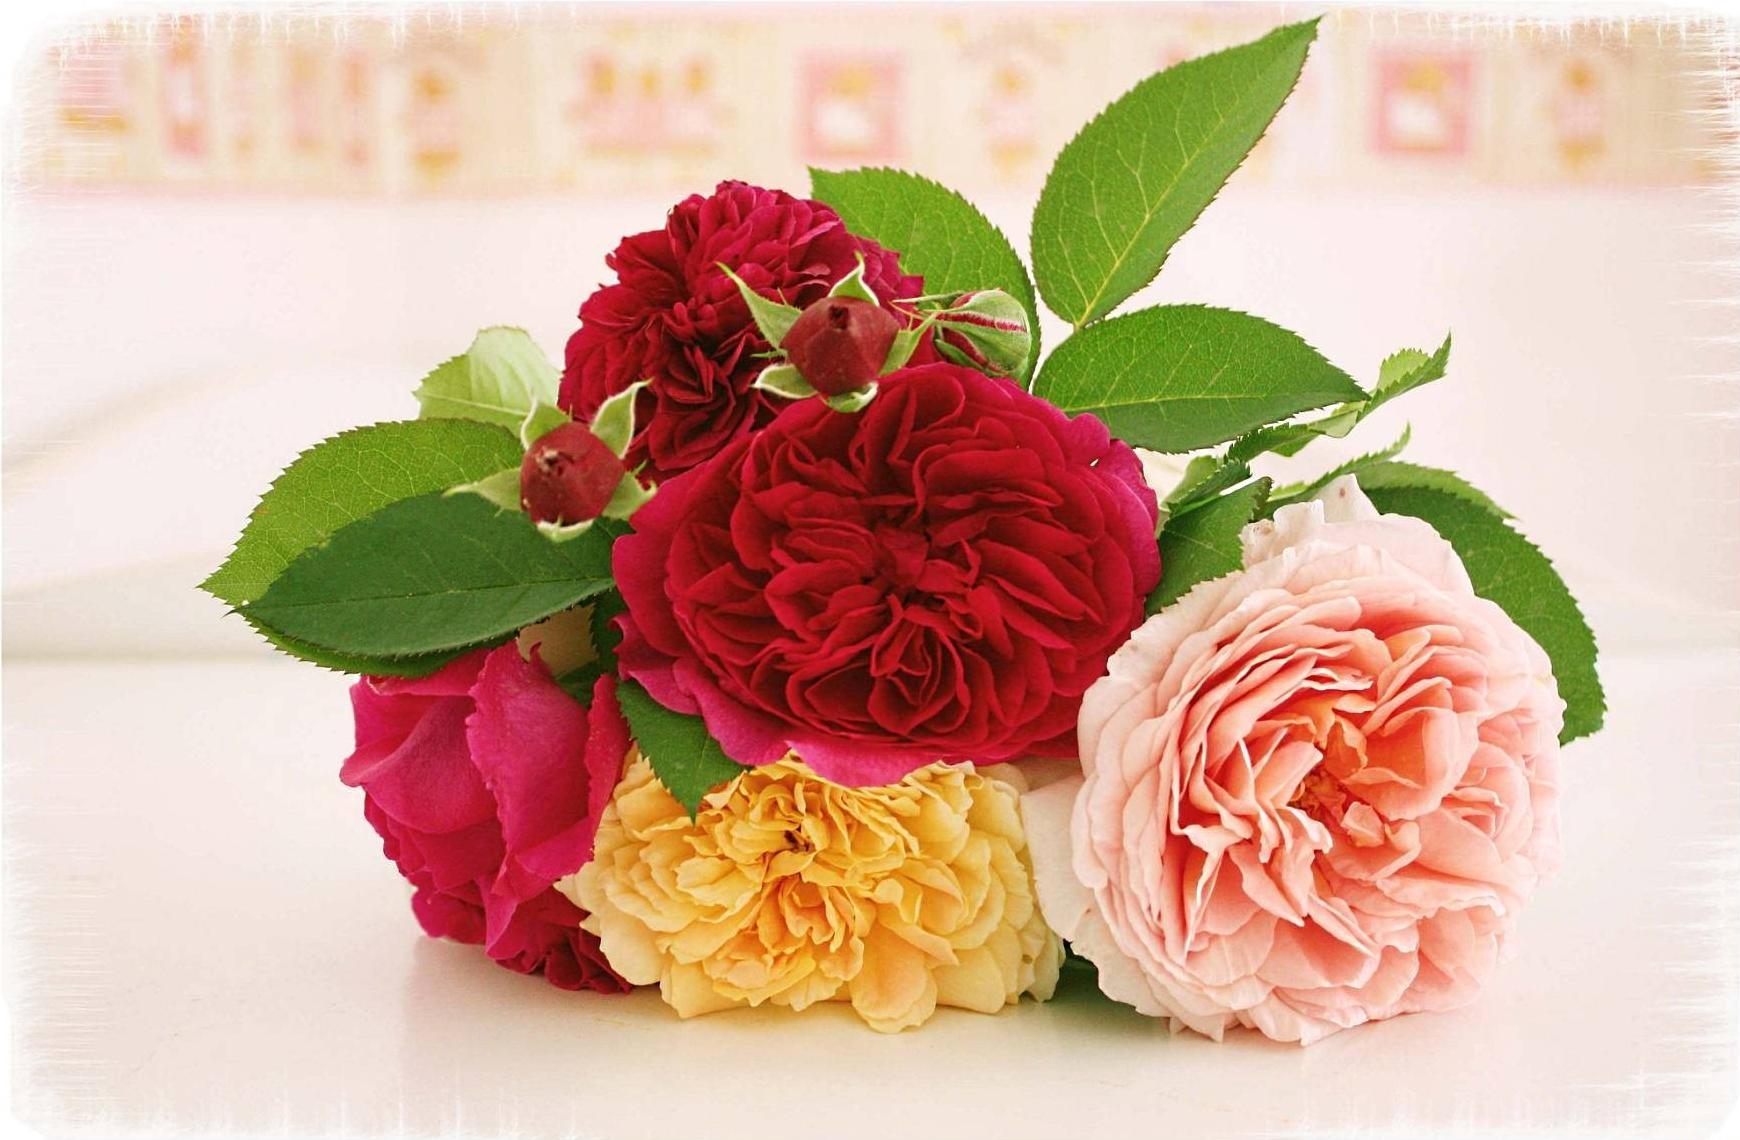 64126 скачать обои Цветы, Листья, Букет, Лежать, Размытость, Розы - заставки и картинки бесплатно